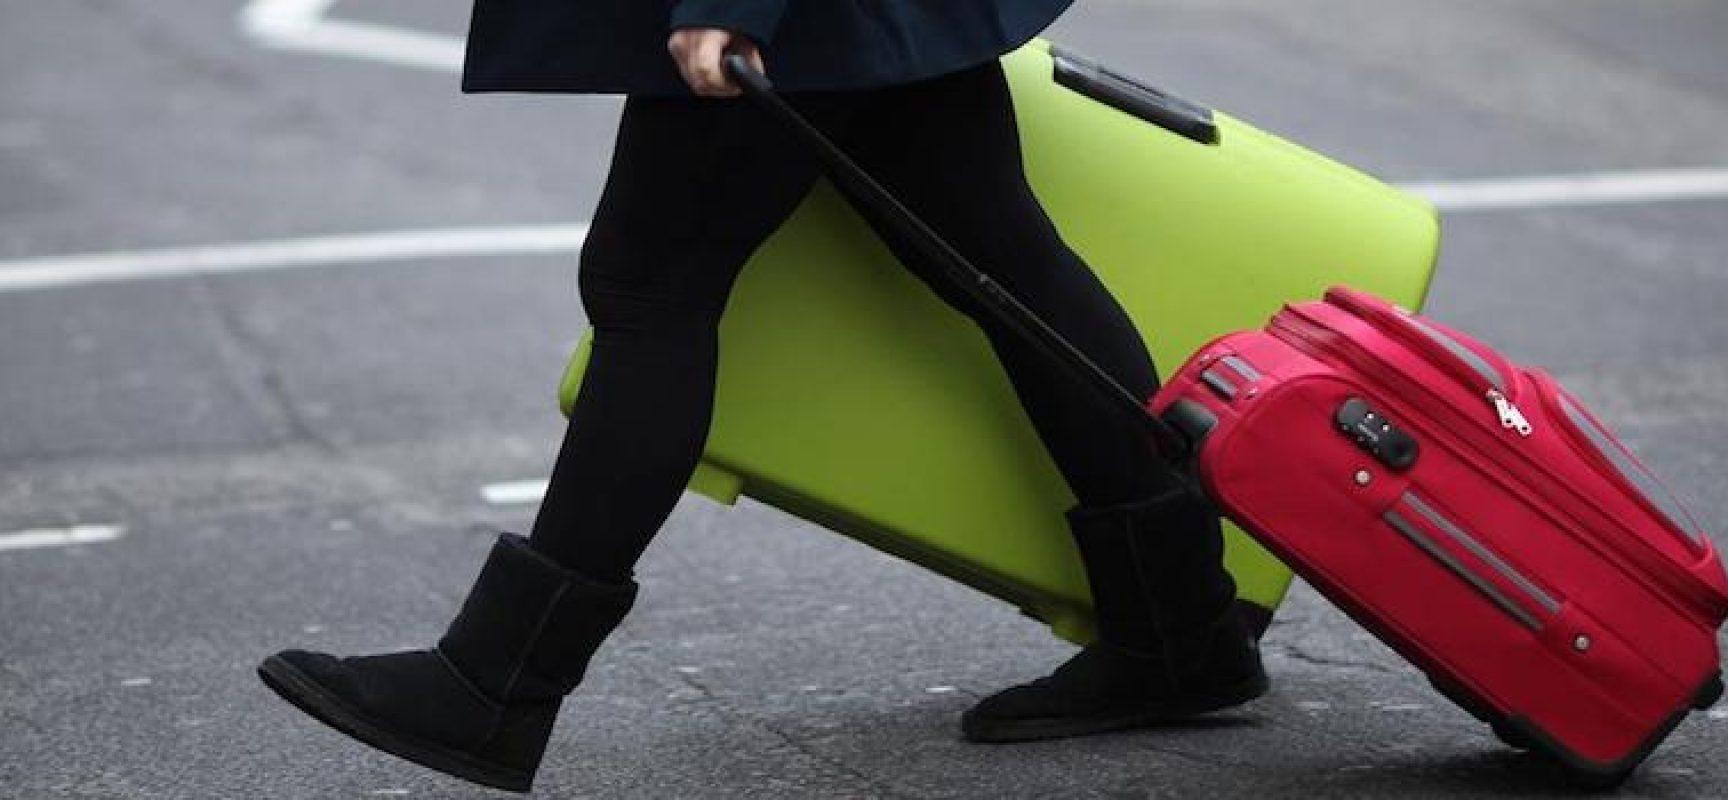 Cambi di residenza, chi arriva e chi va via da Bisceglie: i dati dell'Istat